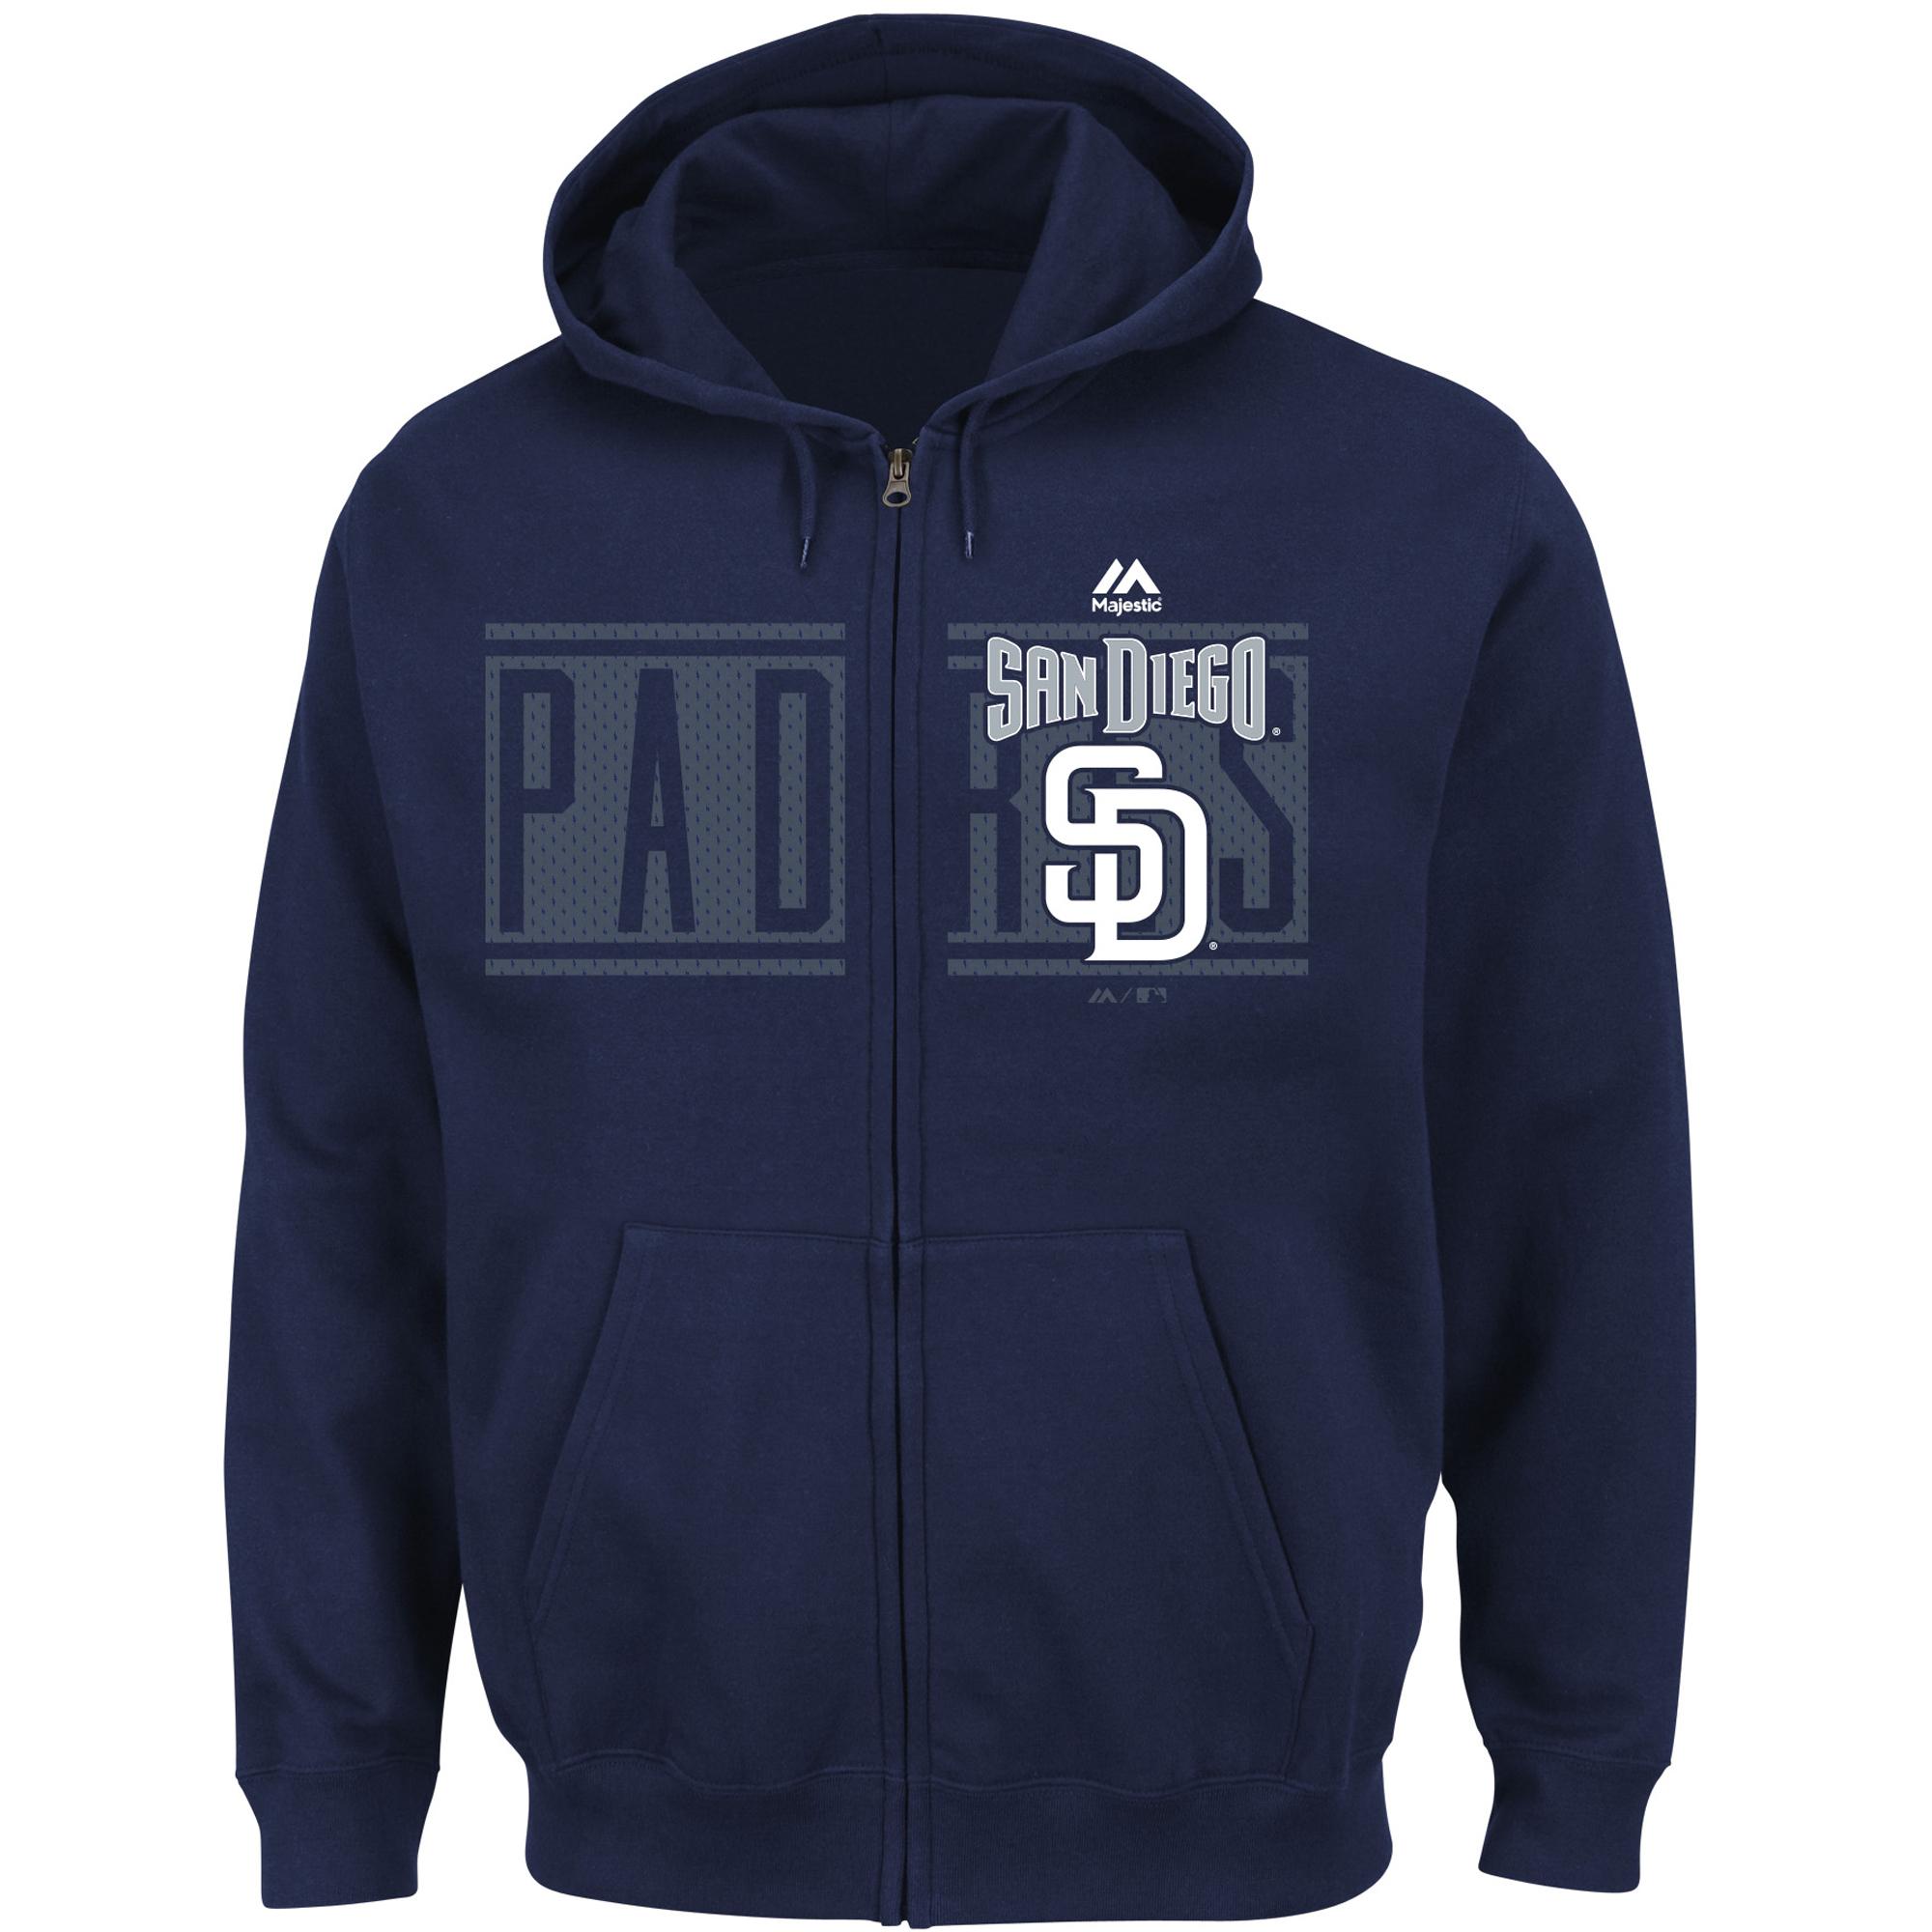 San Diego Padres Majestic Piercing Attack Full-Zip Hoodie - Navy